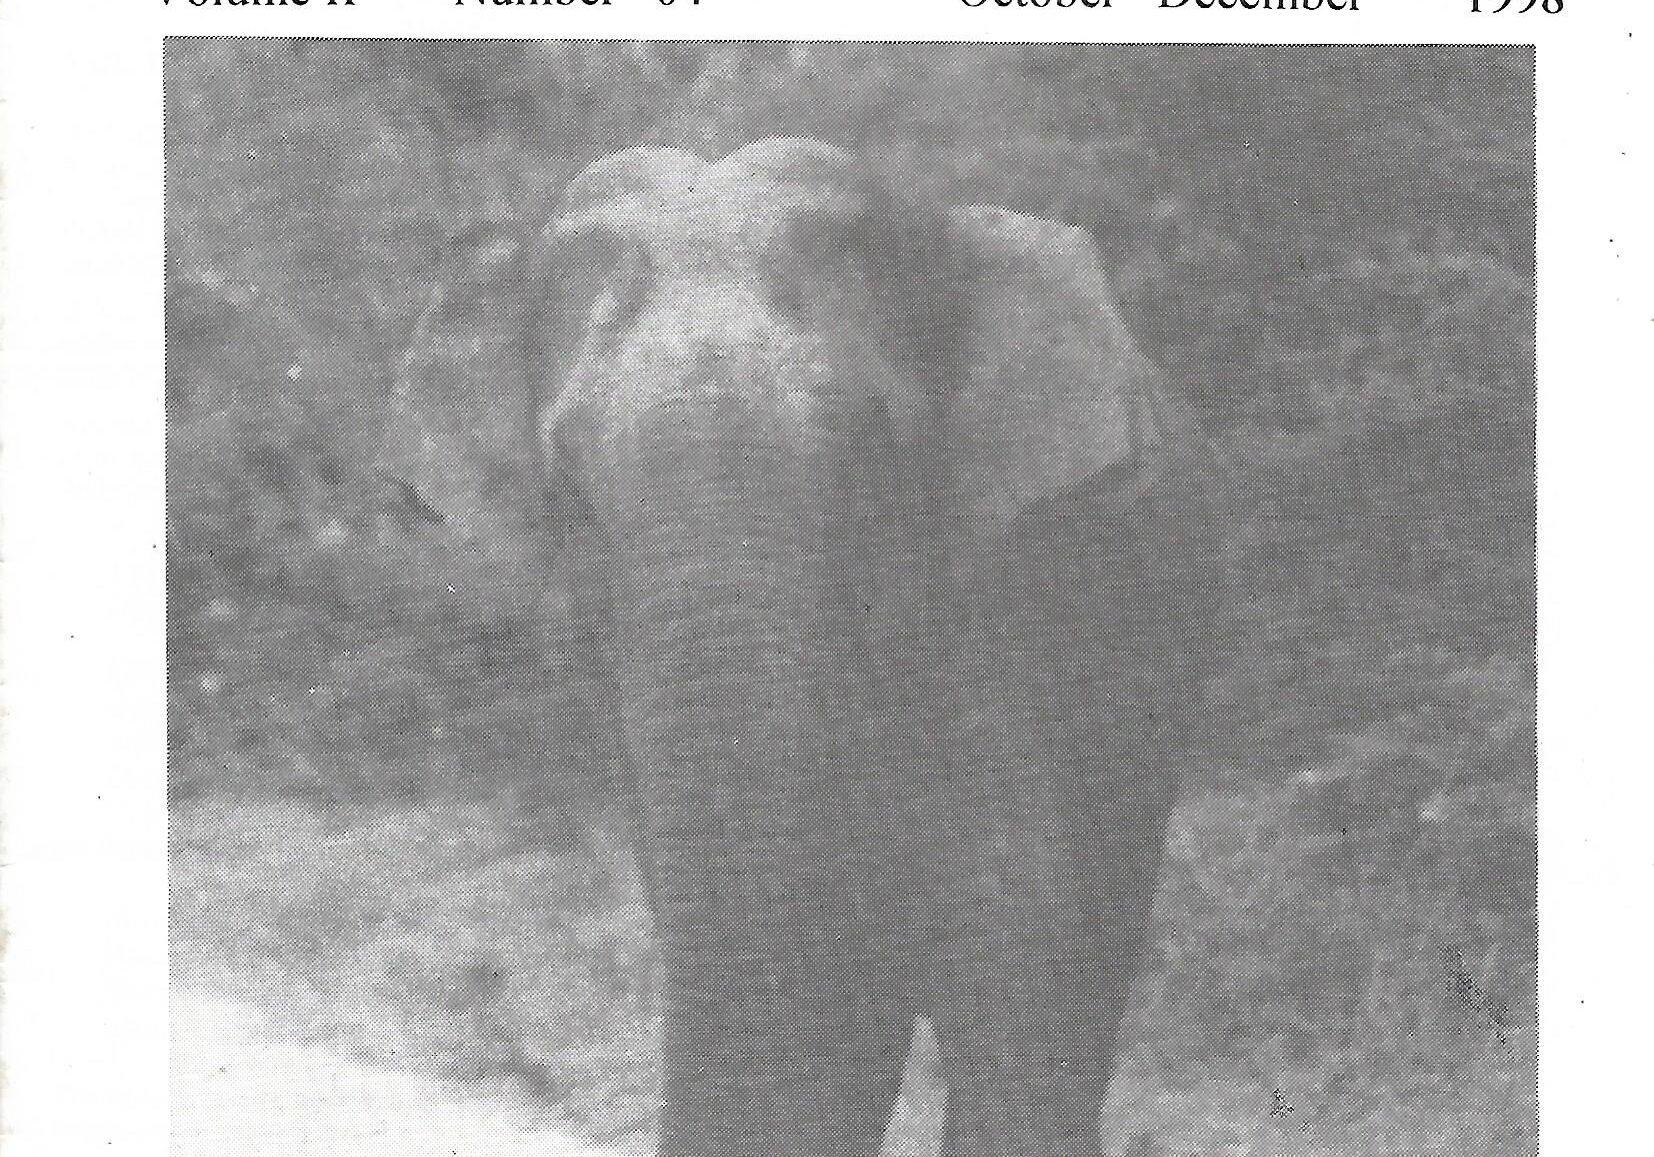 naturalist 1998 vol 2 no 4 p1